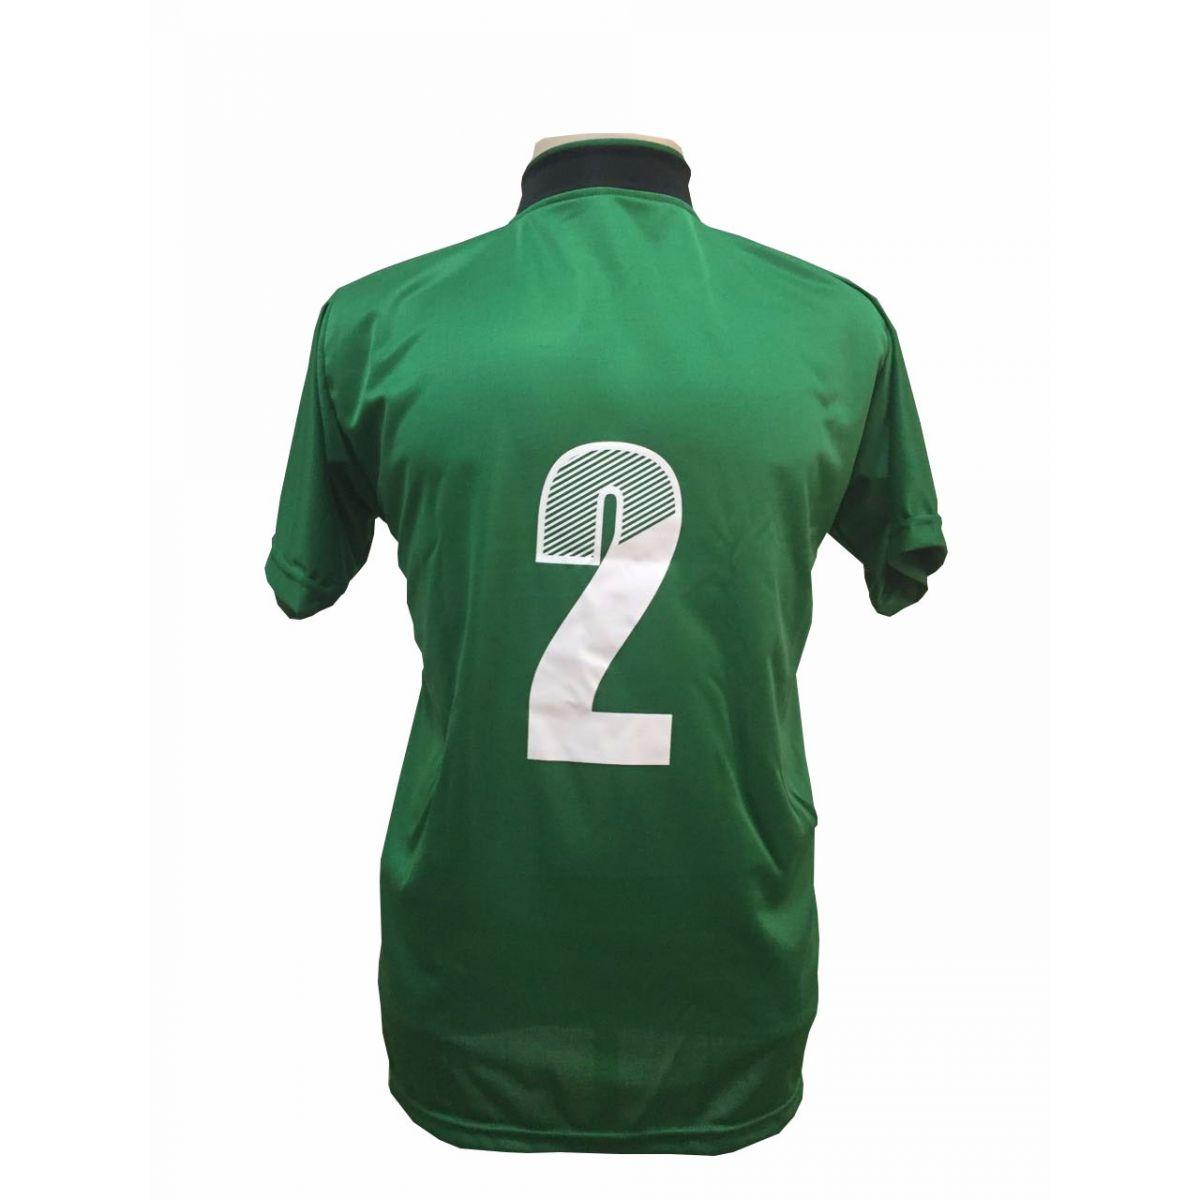 Jogo de Camisa com 14 unidades modelo Palermo Verde/Preto